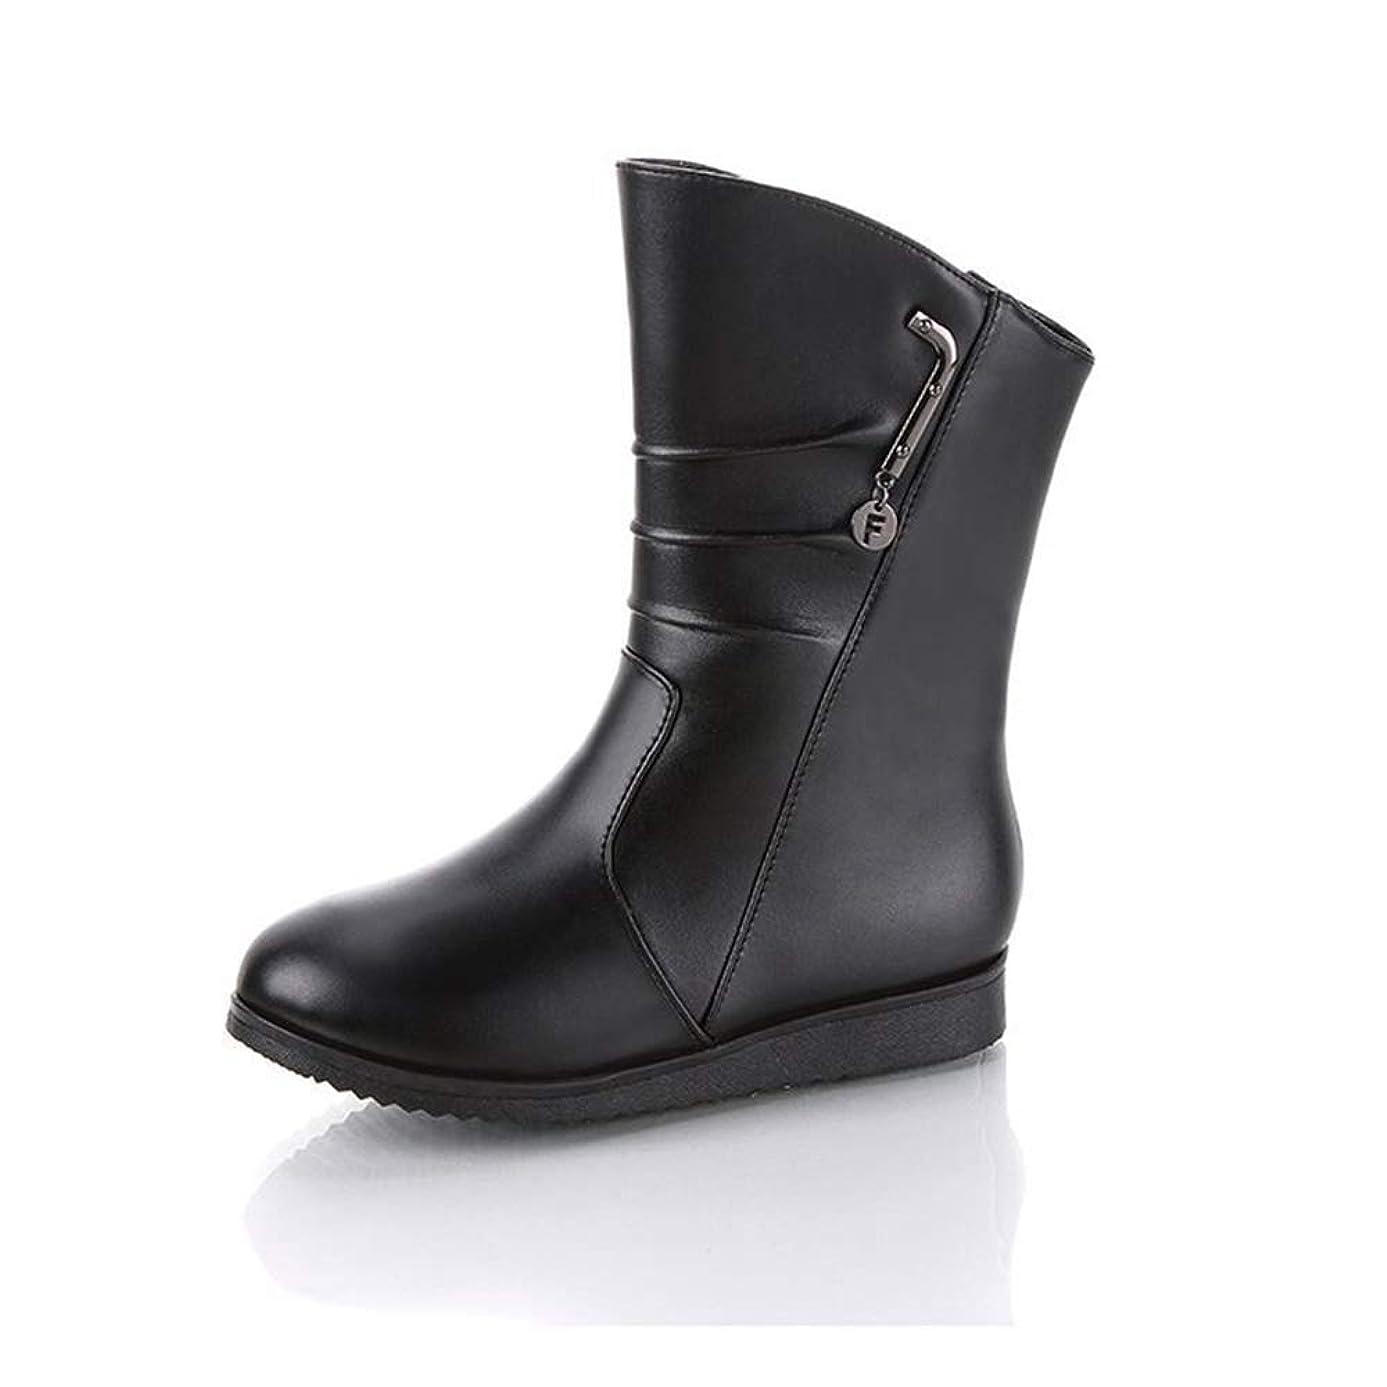 薄暗いイデオロギー感動するロングブーツ サイドジッパー ブラック スムース 大きいサイズ 小さいサイズ シワ フラット ボア付き チャーム 滑り止め ファー 防寒 暖かい コンフォート 冬 歩きやすい